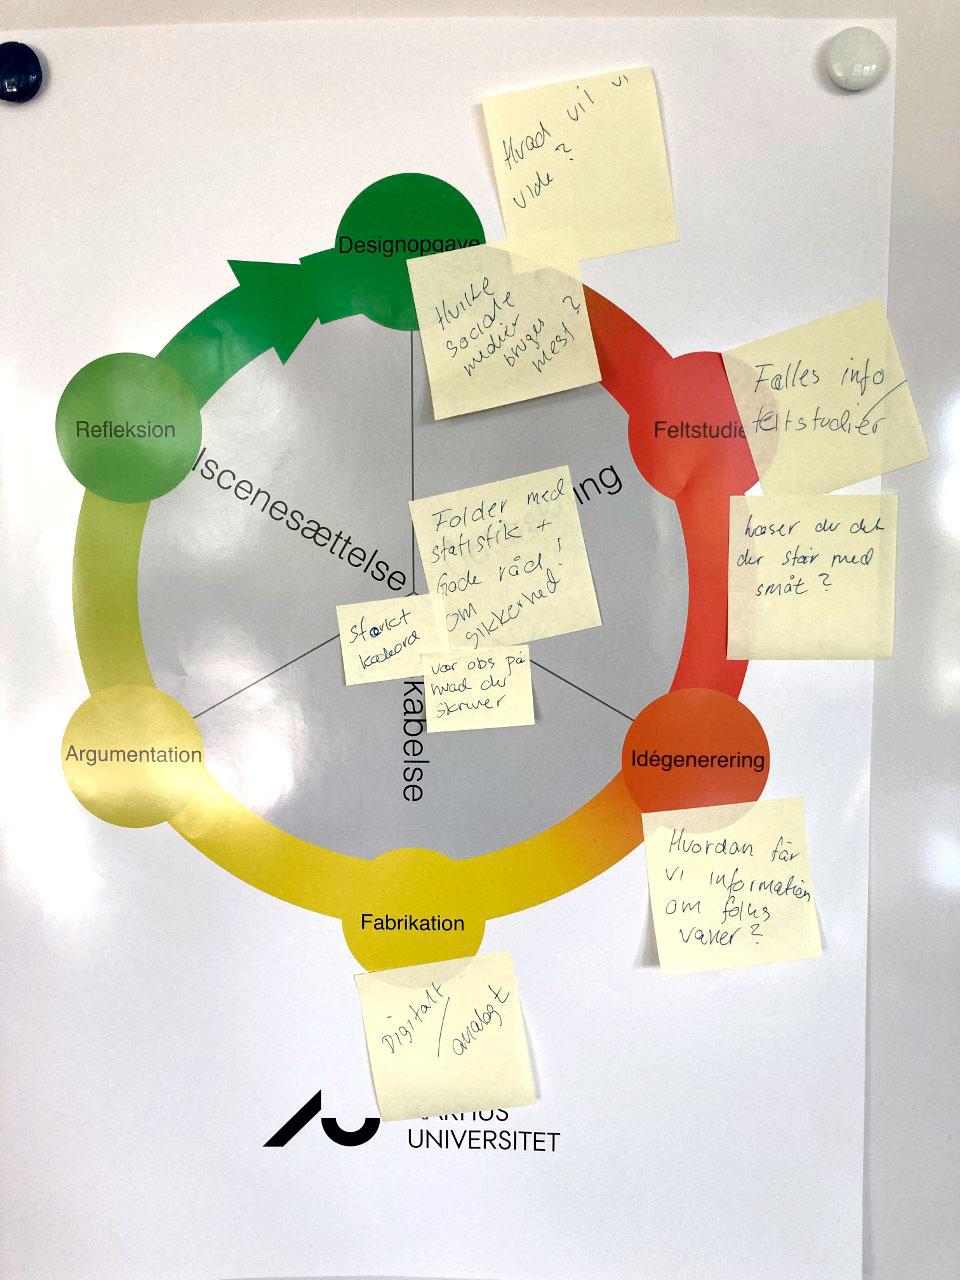 Designprocescirkel med gule post-it sedler på.